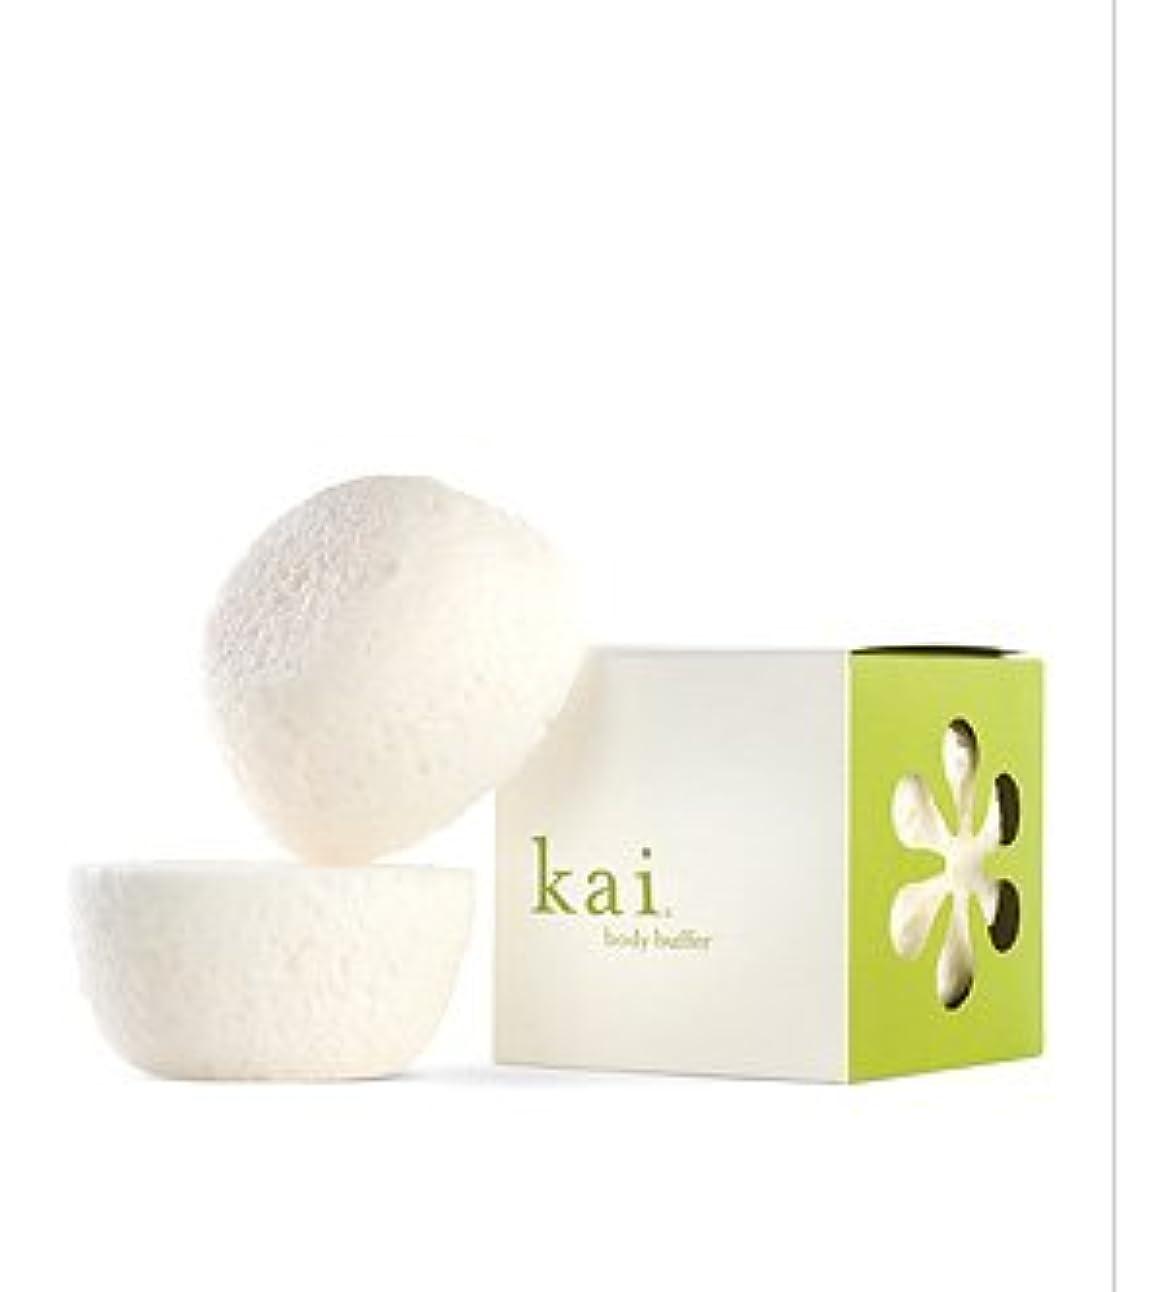 虫を数えるペチュランス分析的〈海外直送品〉Kai Body Buffer (カイ ボディーバッファー) 2.75 oz (82.5ml) x 2 for Women